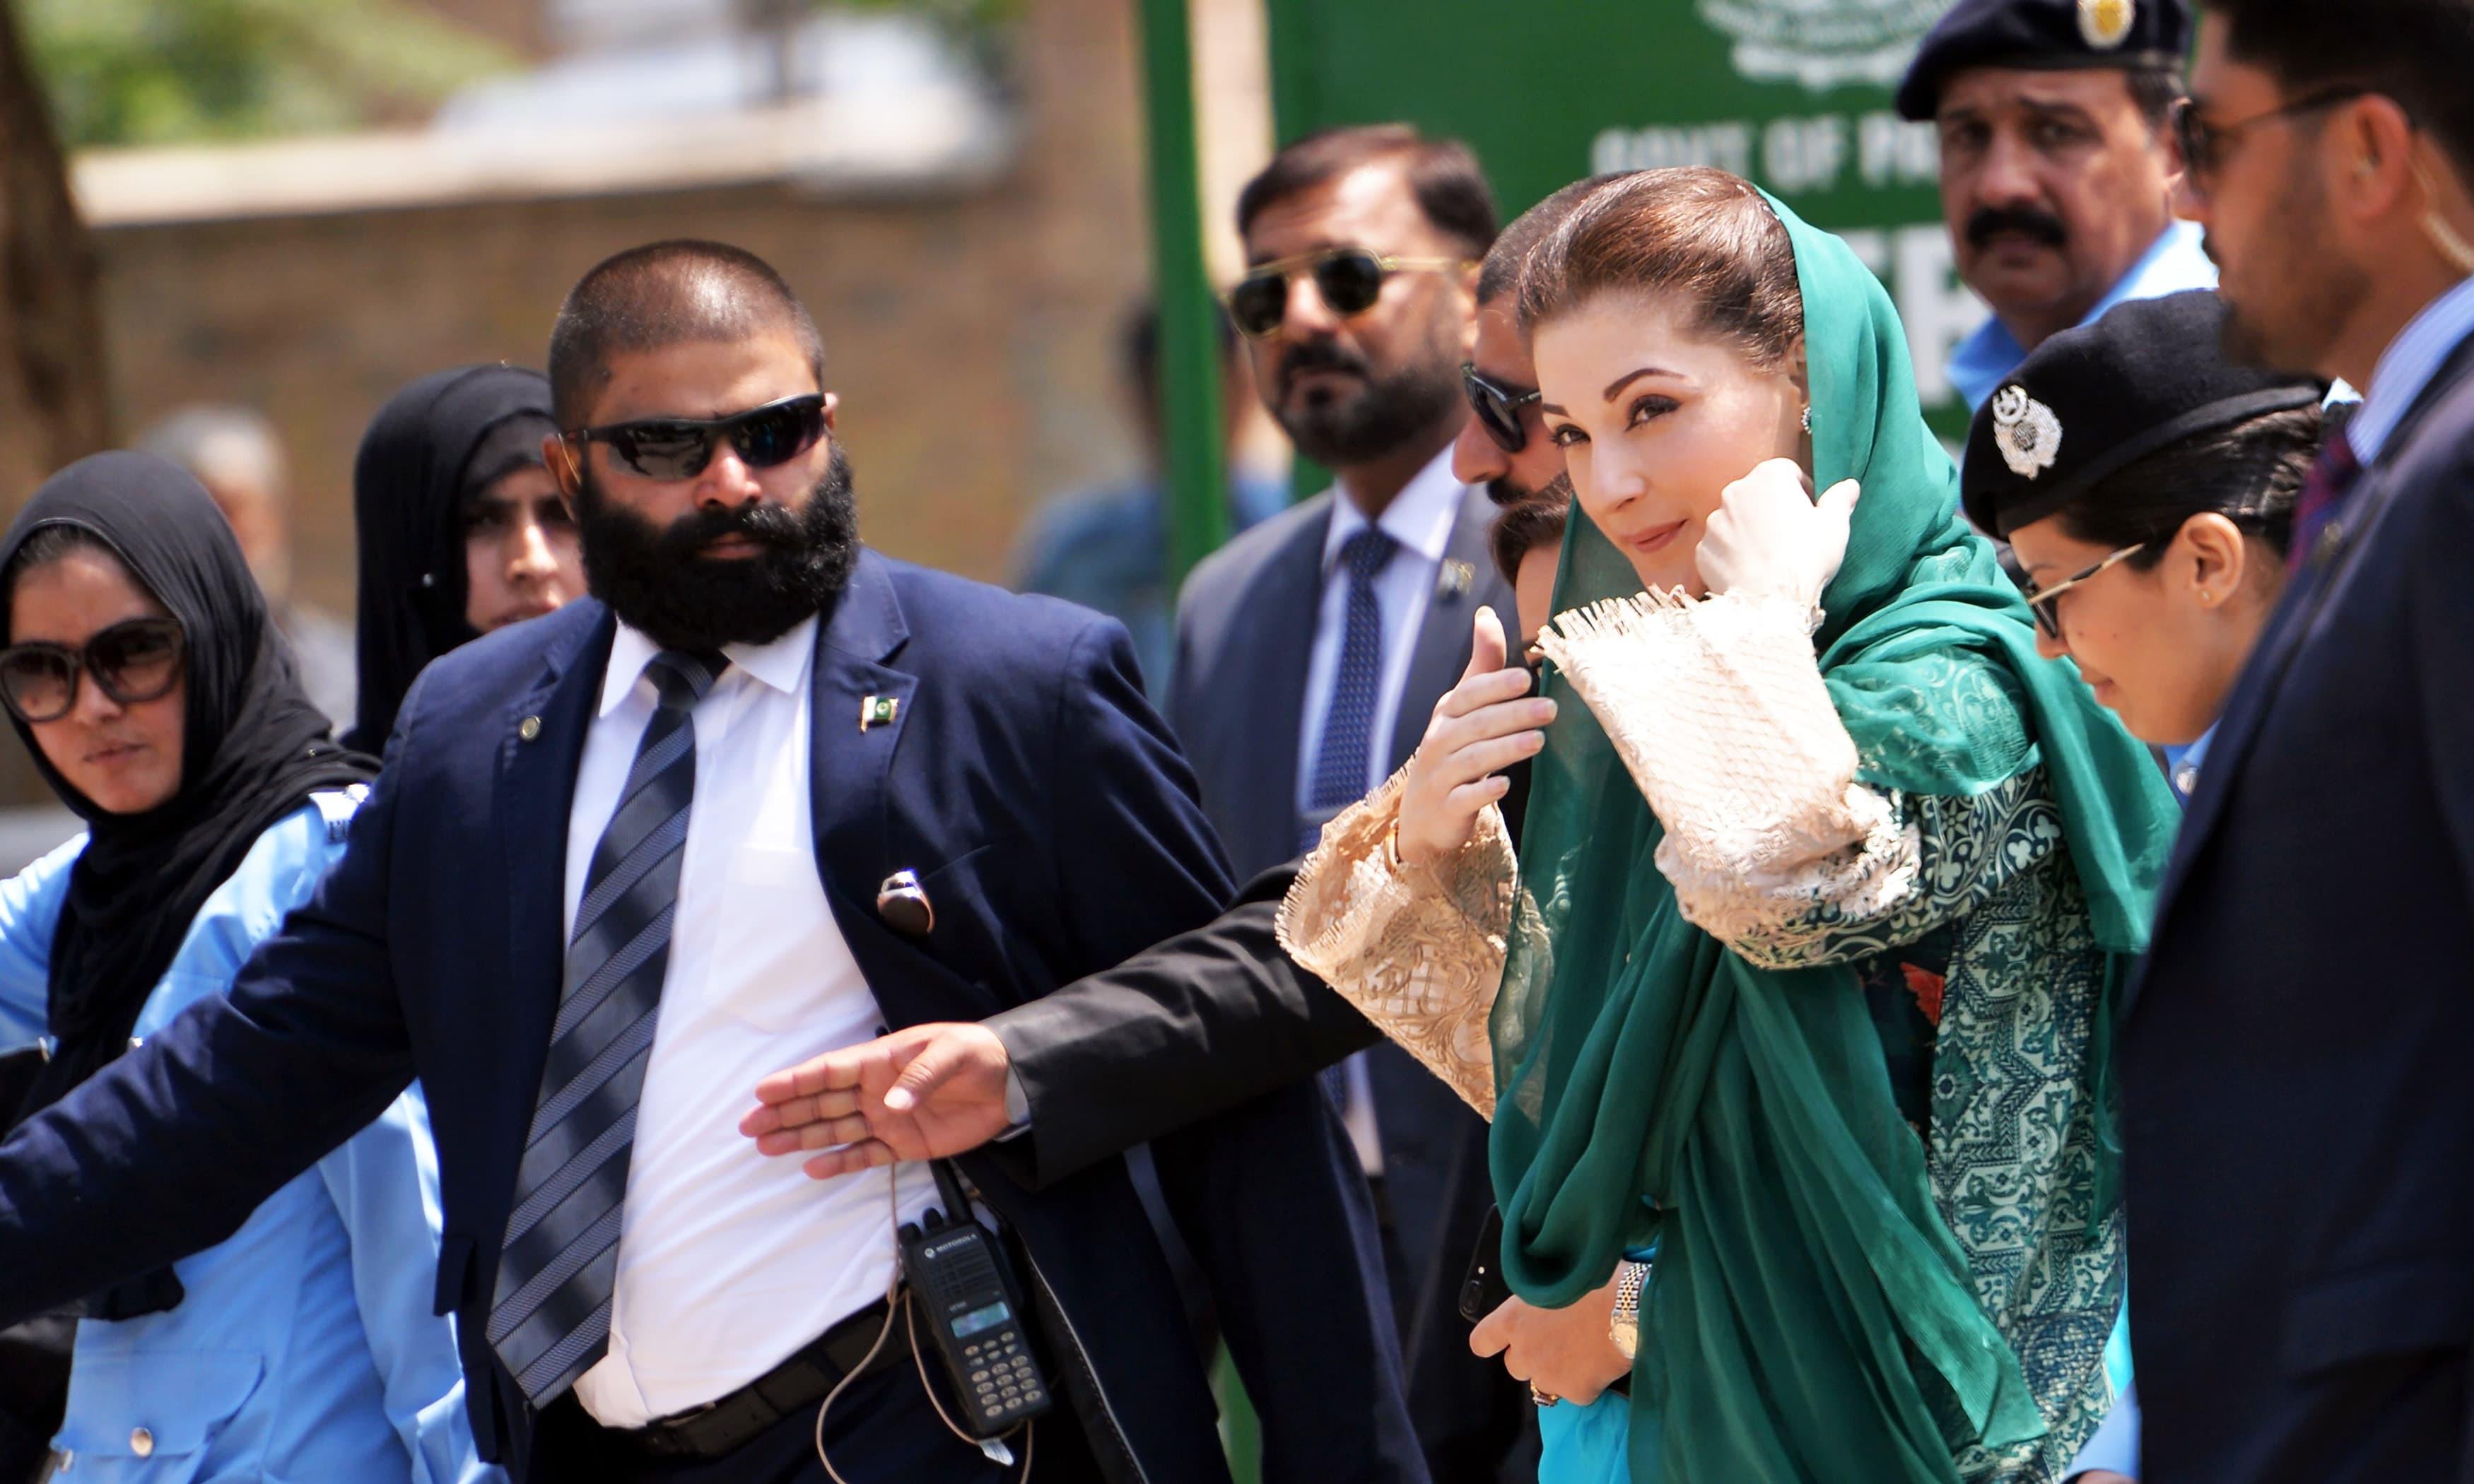 Maryam accused of submitting 'false documents'